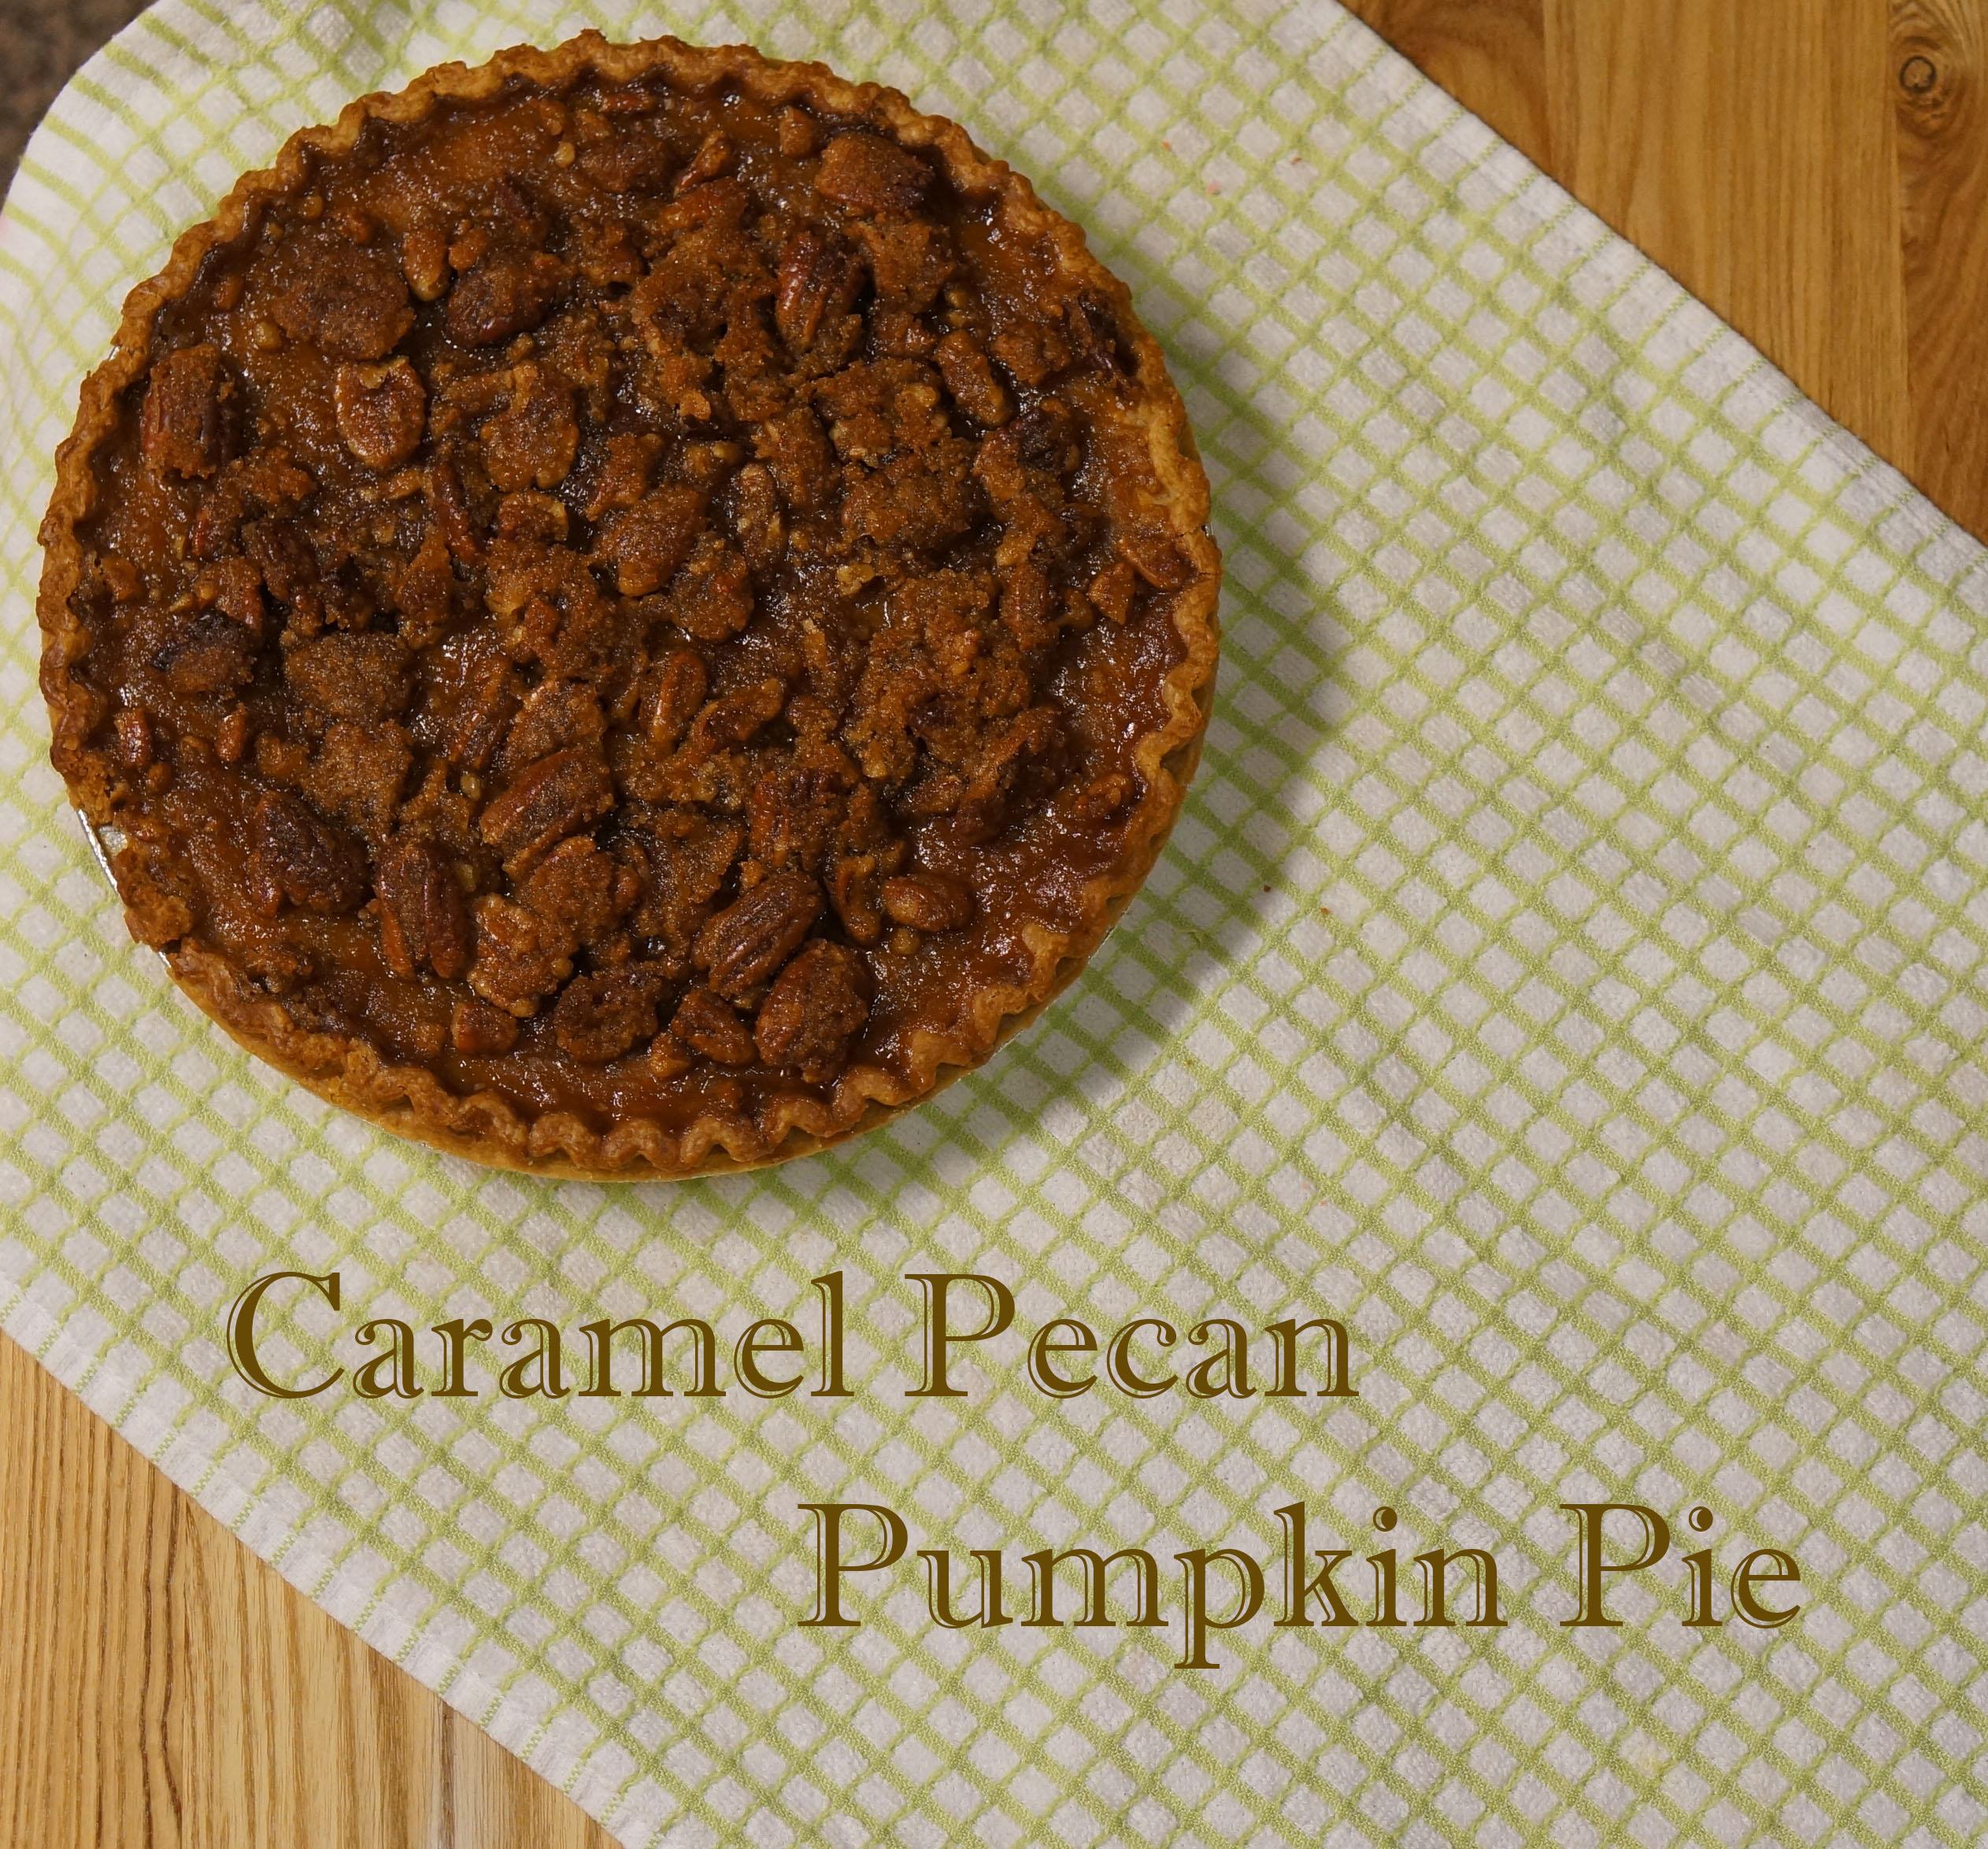 Caramel Pecan Pumpkin Pie - We're Calling Shenanigans